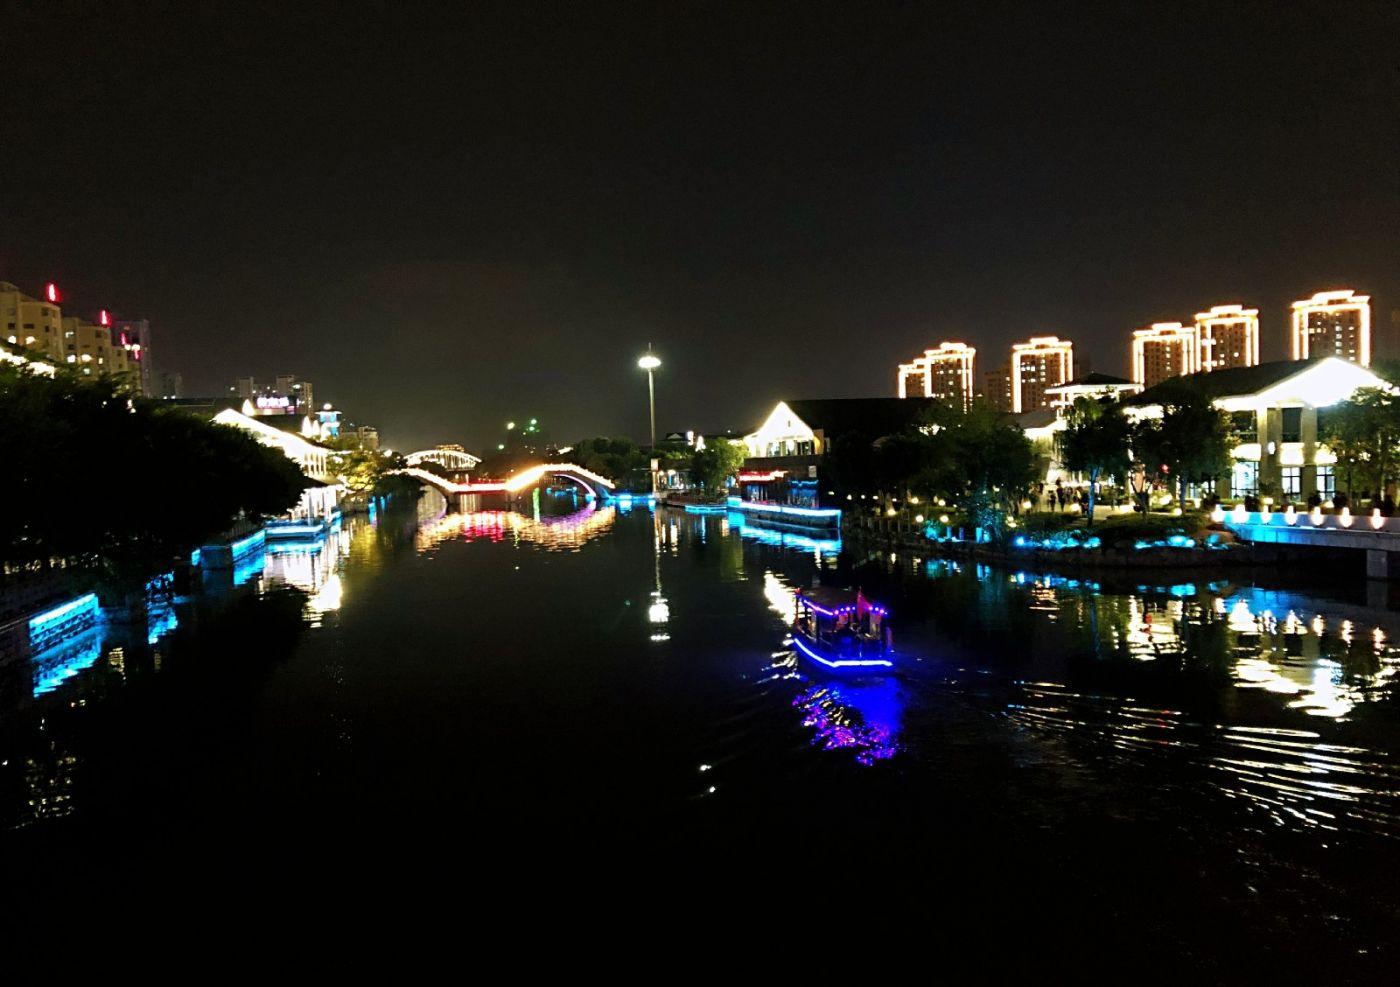 【田螺随拍】温州的印象南塘-手机版_图1-5